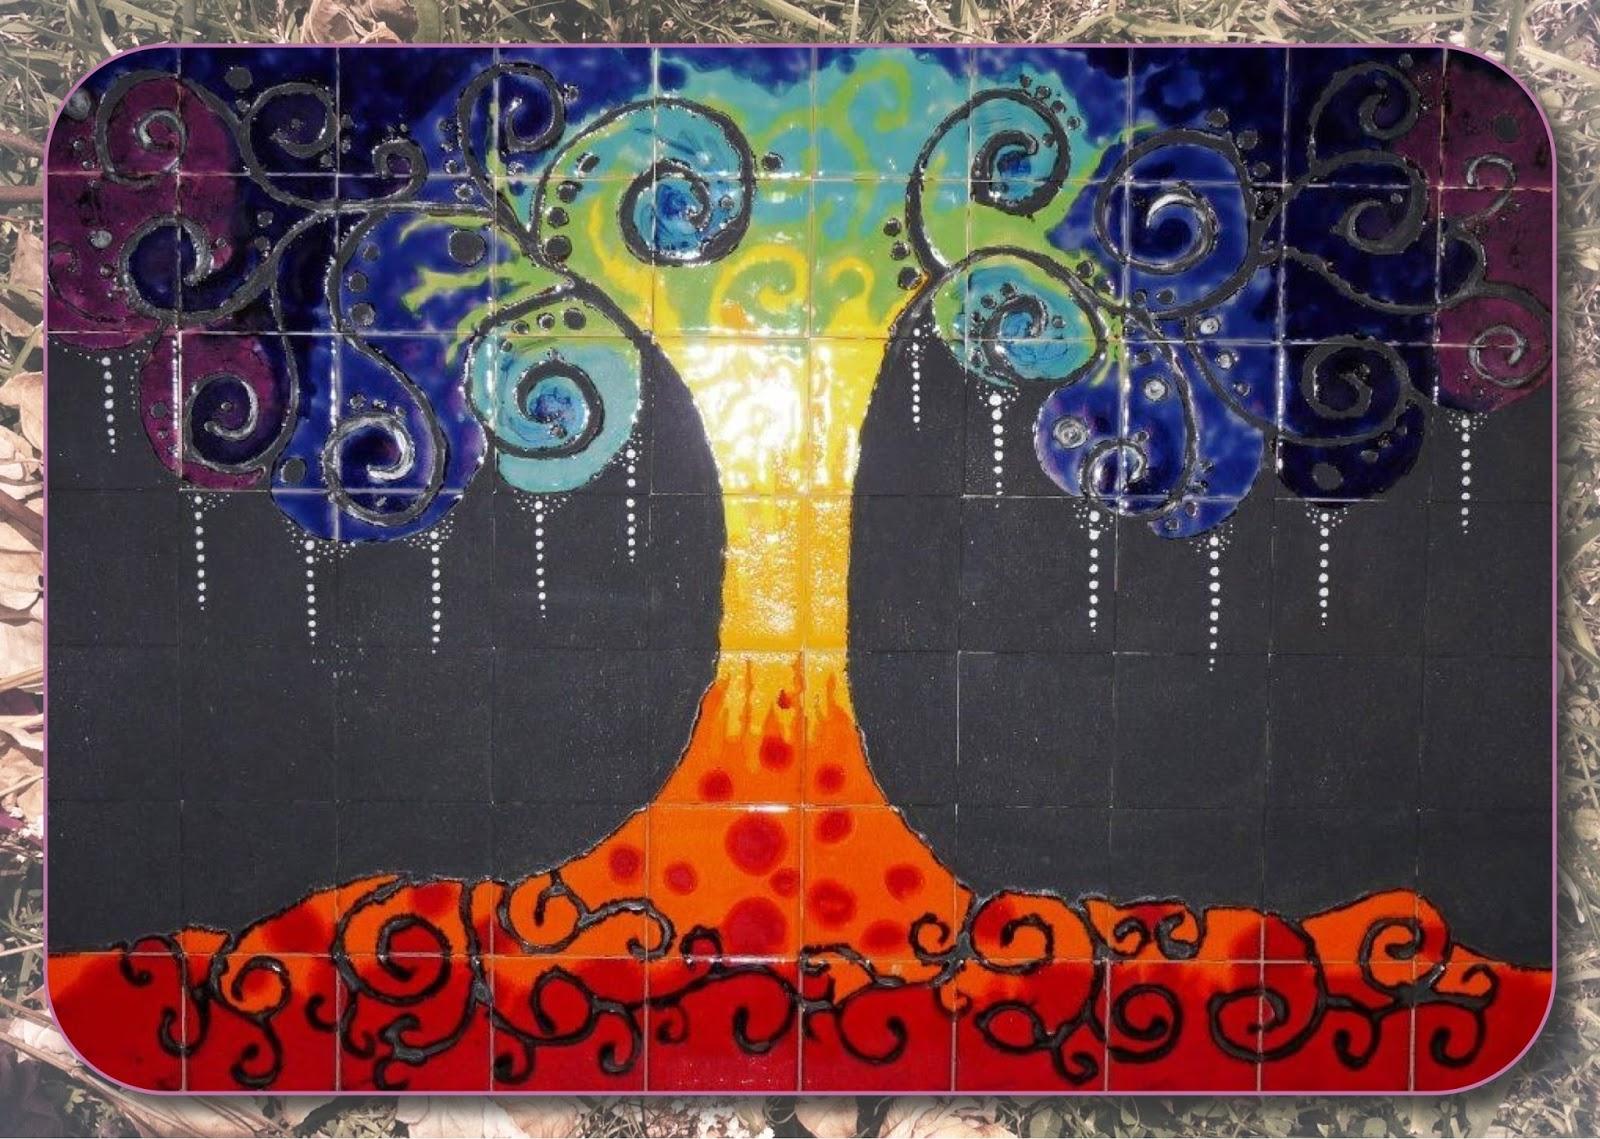 Maria lanusse taller de cer mica murales cuerda seca - Murales de azulejos ...